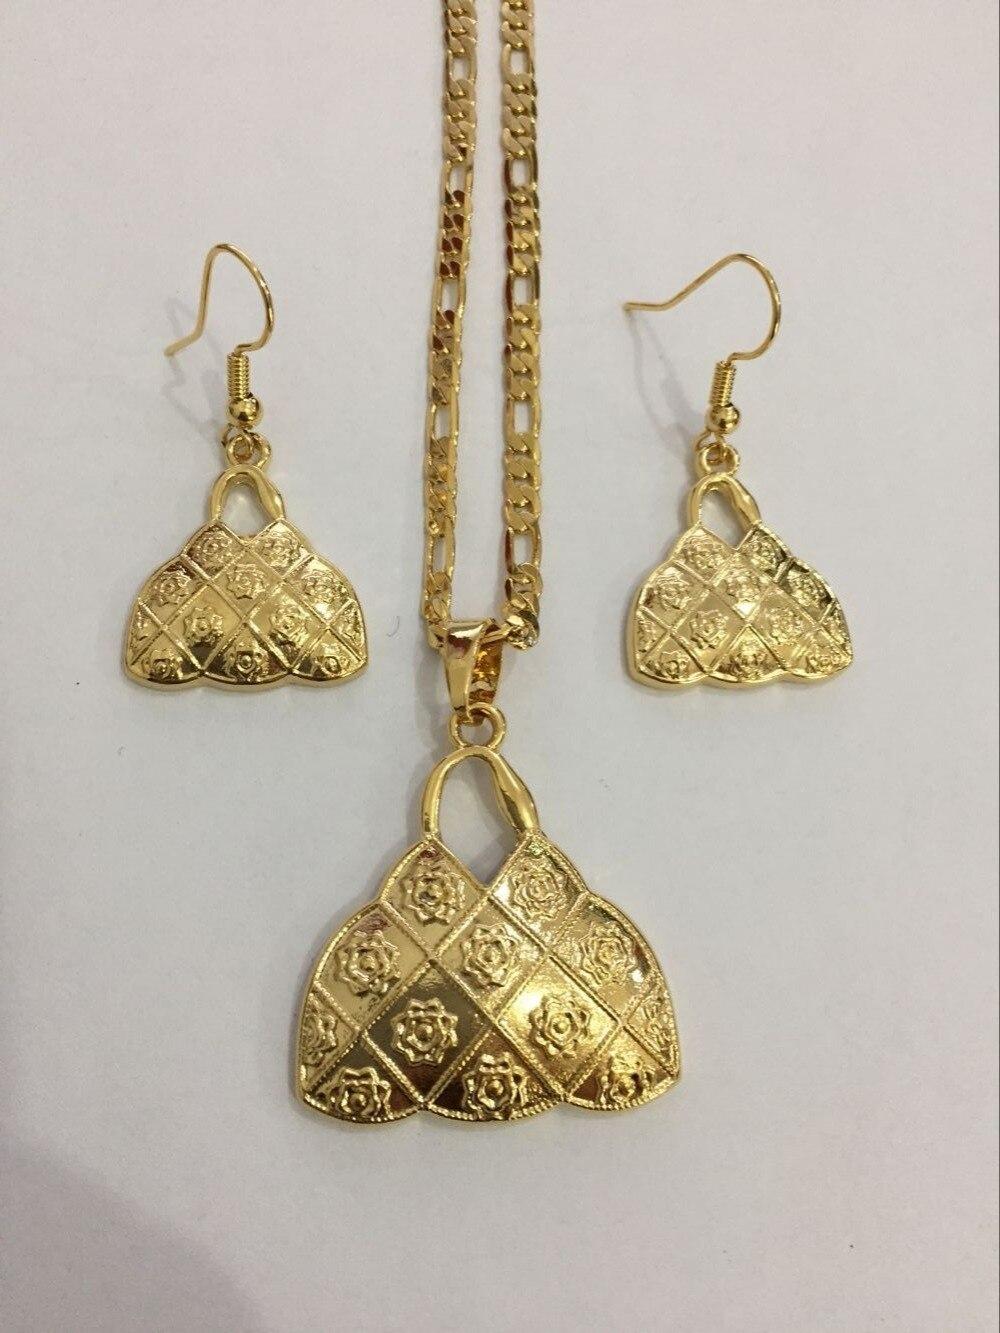 4d7c13acba1b Сумка ручной работы P house endan ожерелья серьги золотистого цвета комплект  ювелирных изделий из драгоценных камней